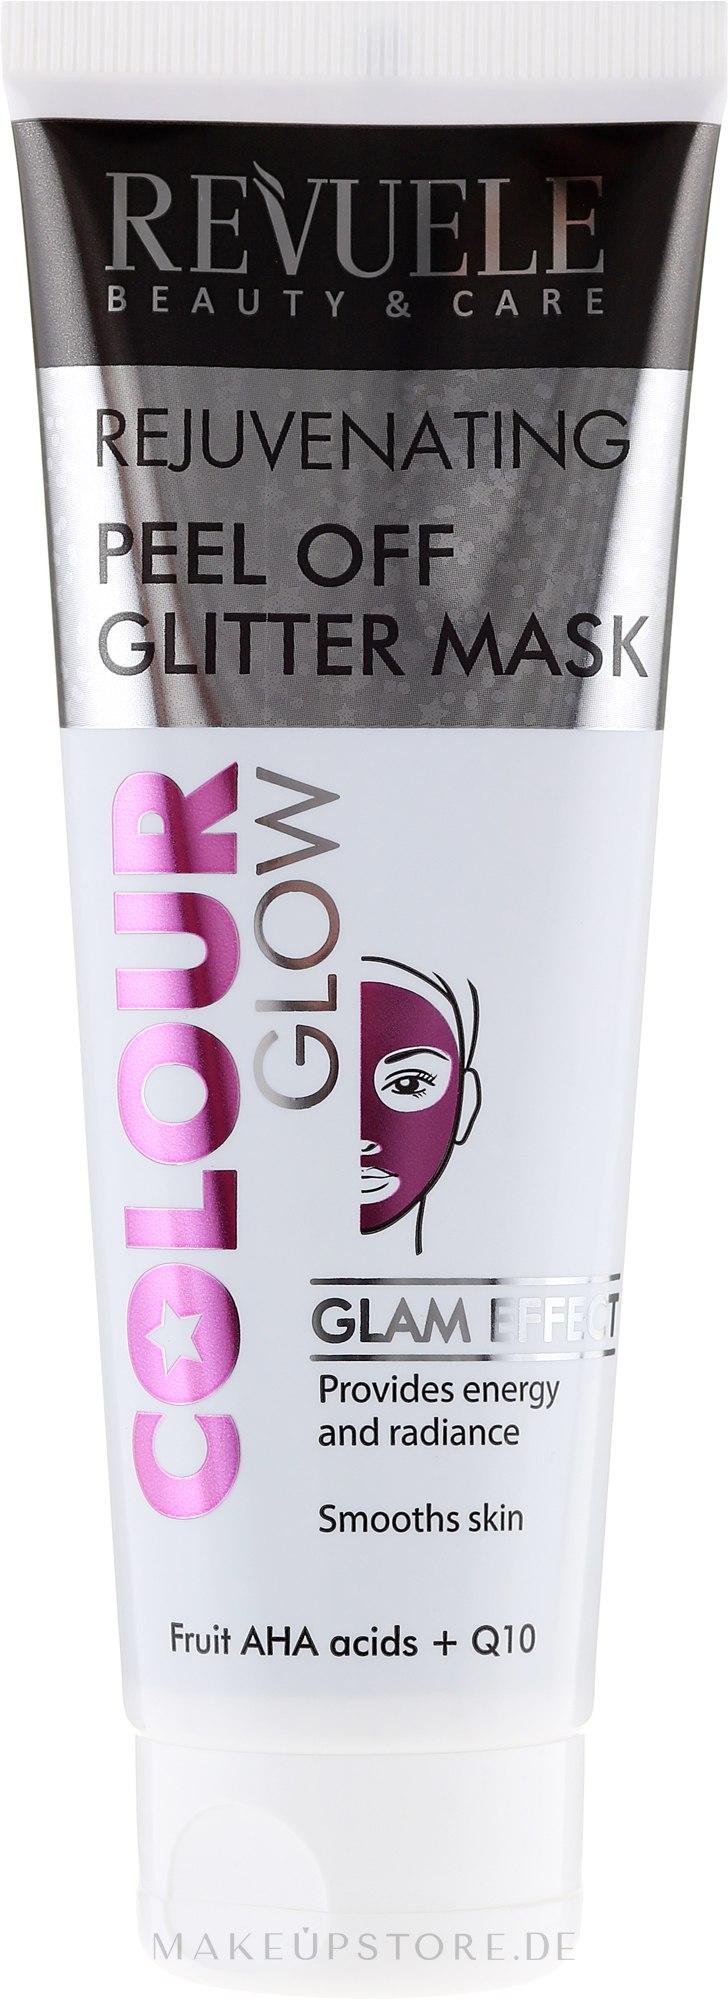 Verjüngende Peel-Off Gesichtsmaske mit Q10 - Revuele Color Glow Glitter Mask Pell-Off Rejuvenating — Bild 80 ml